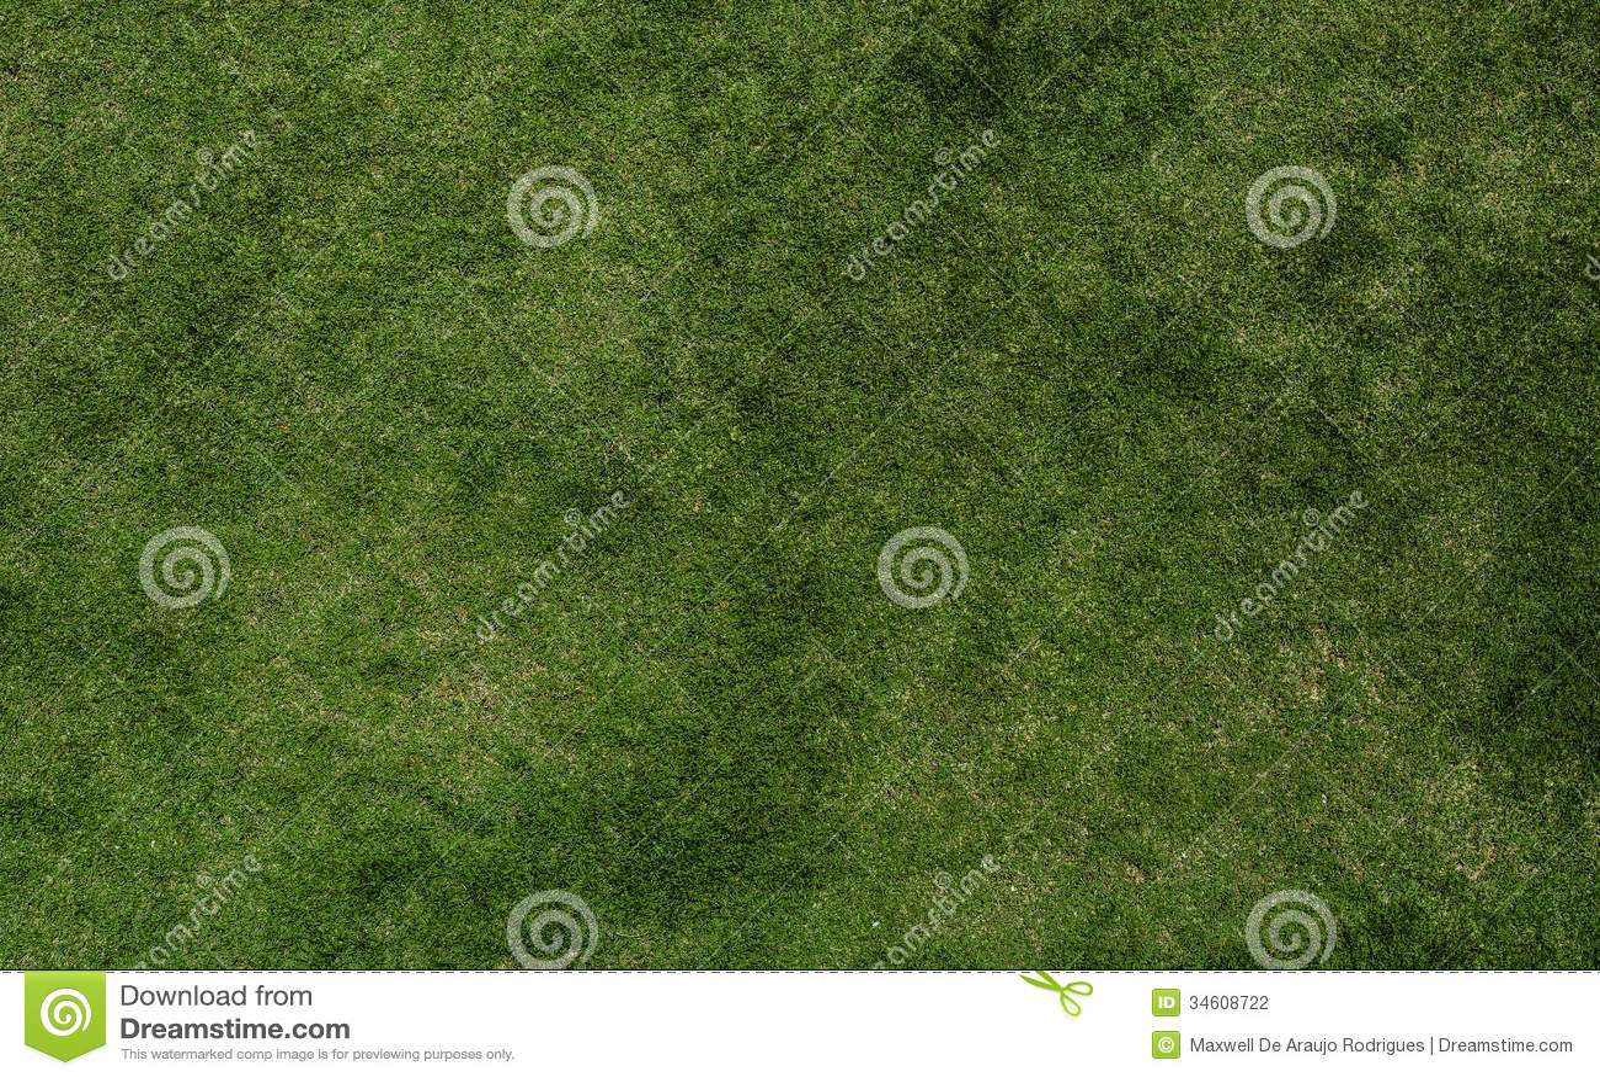 Grass texture of football